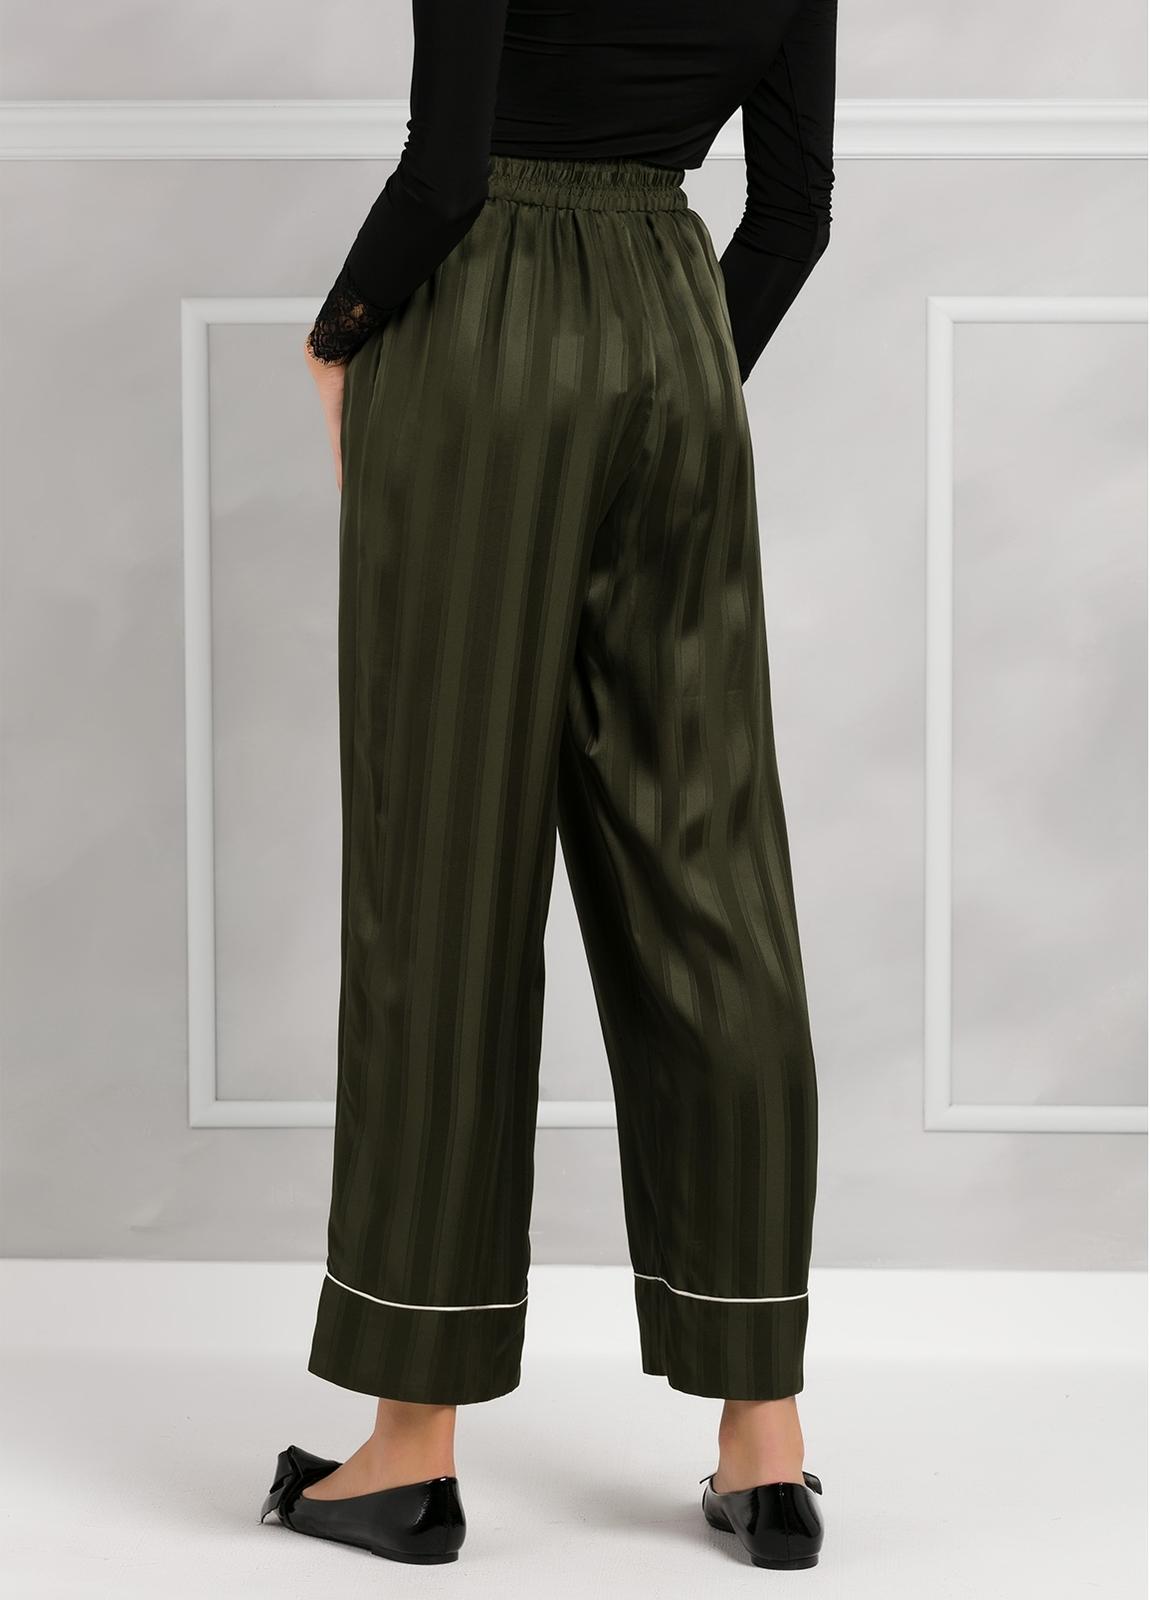 Pantalón woman fluido de corte ancho con rayas, color verde. - Ítem1